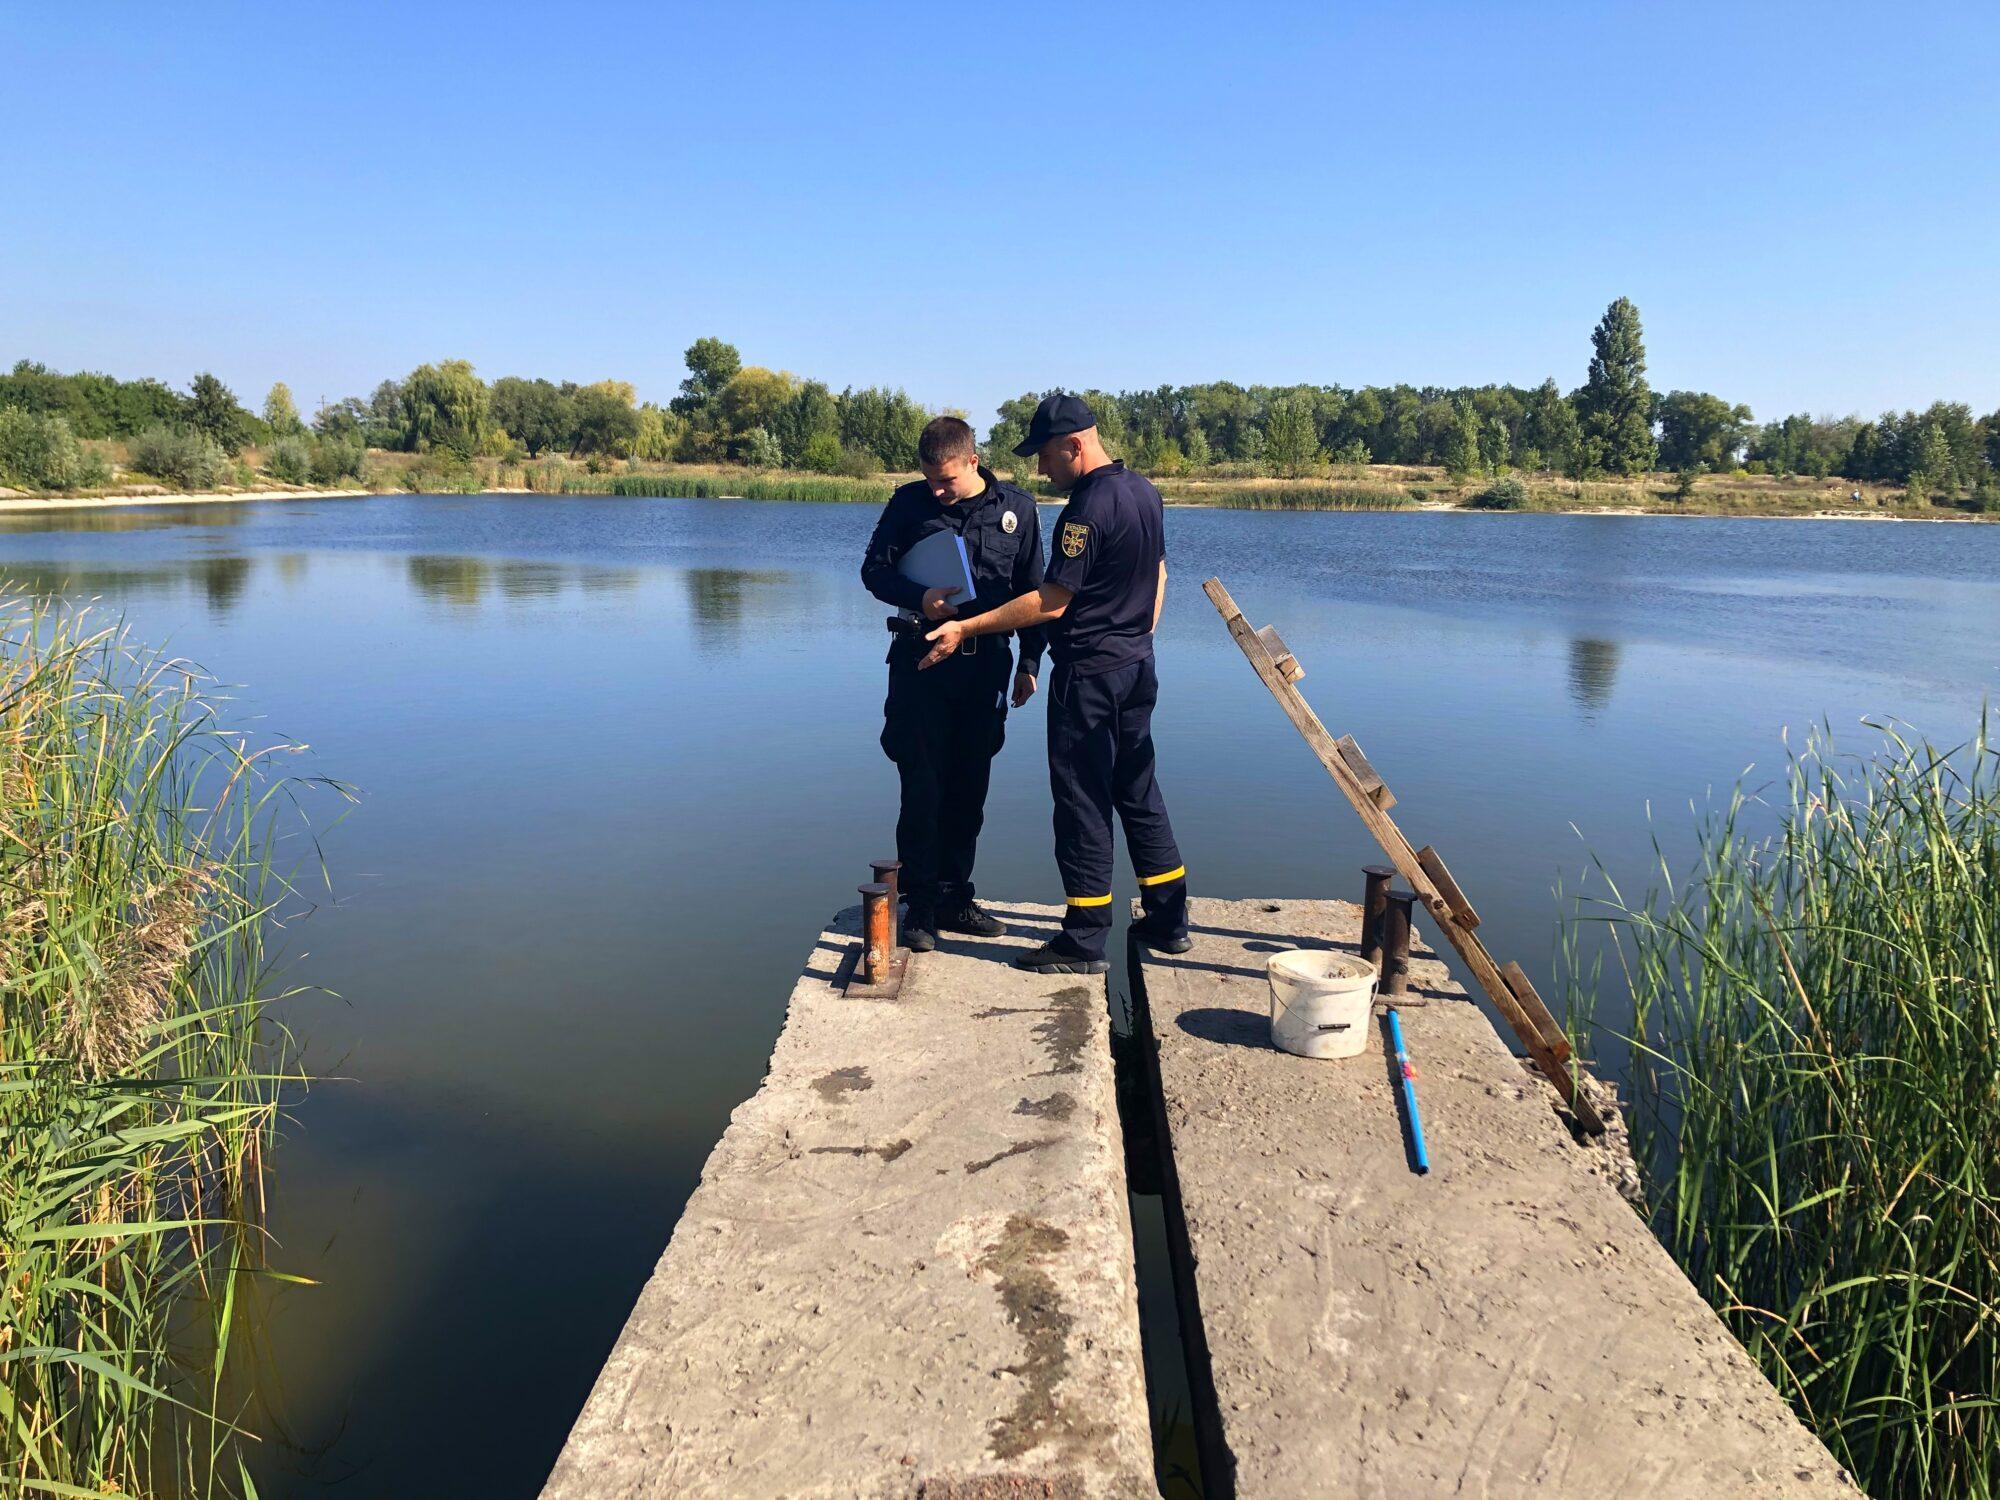 На Бородянщині на воді загинула людина -  - 01 1 2000x1500